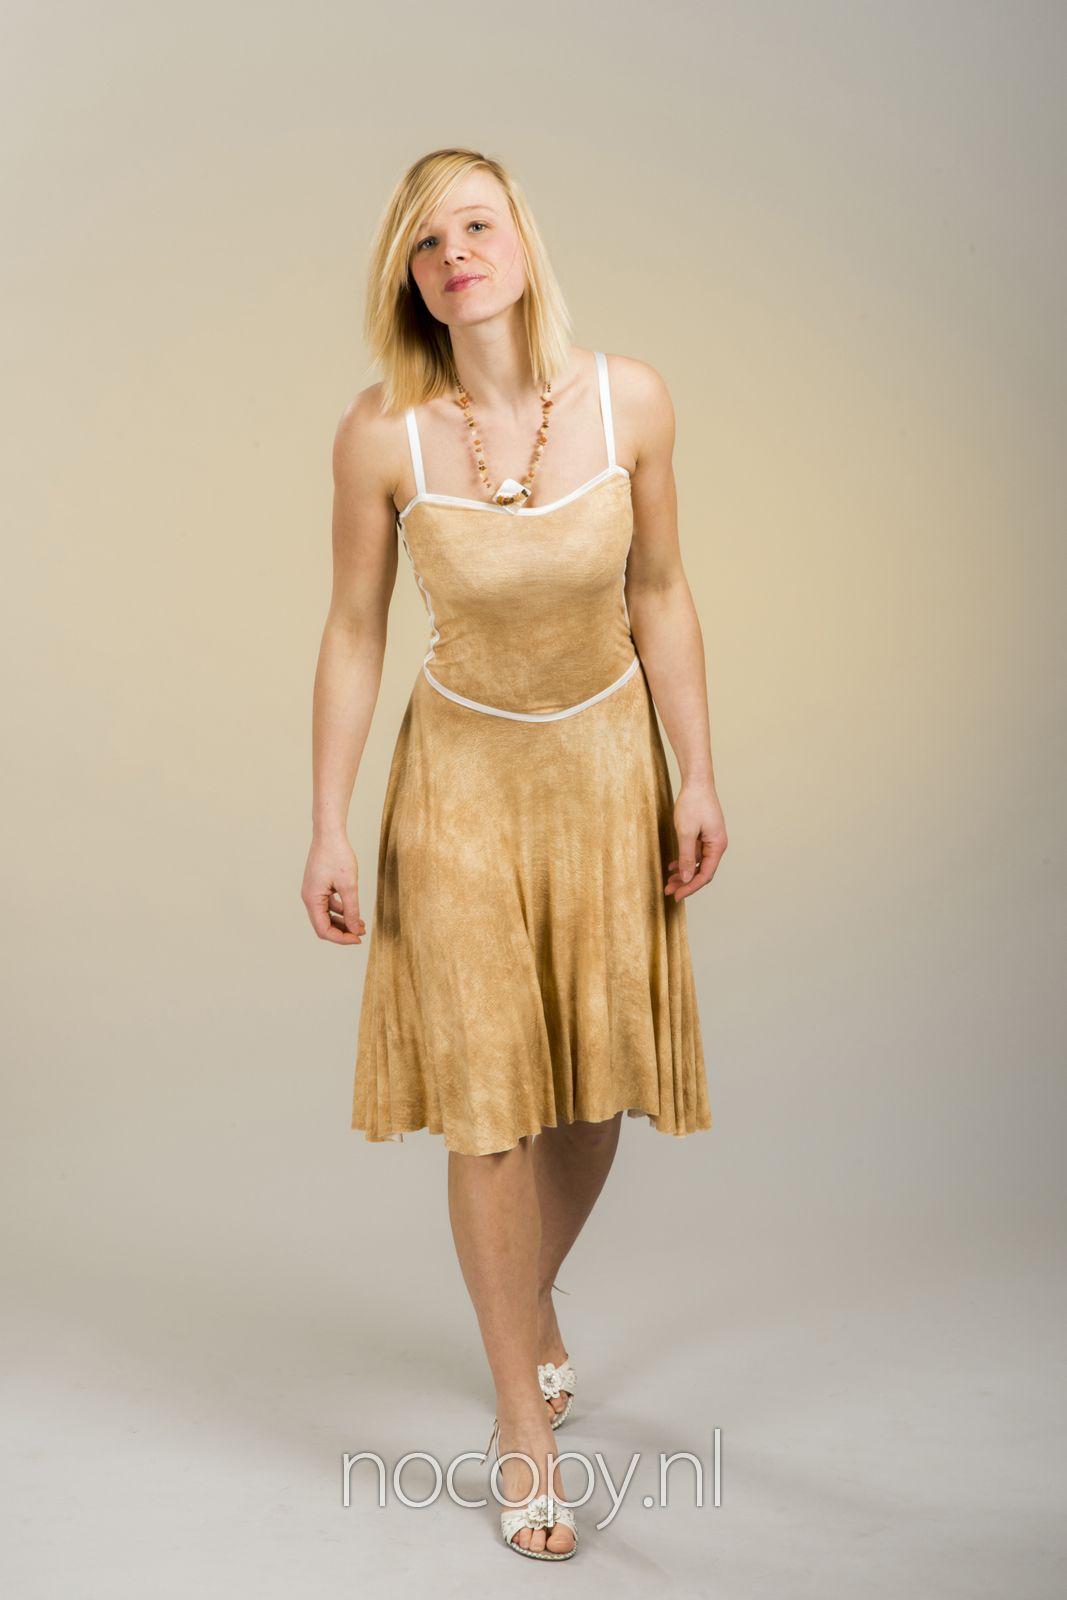 Strapless flatterende jurk